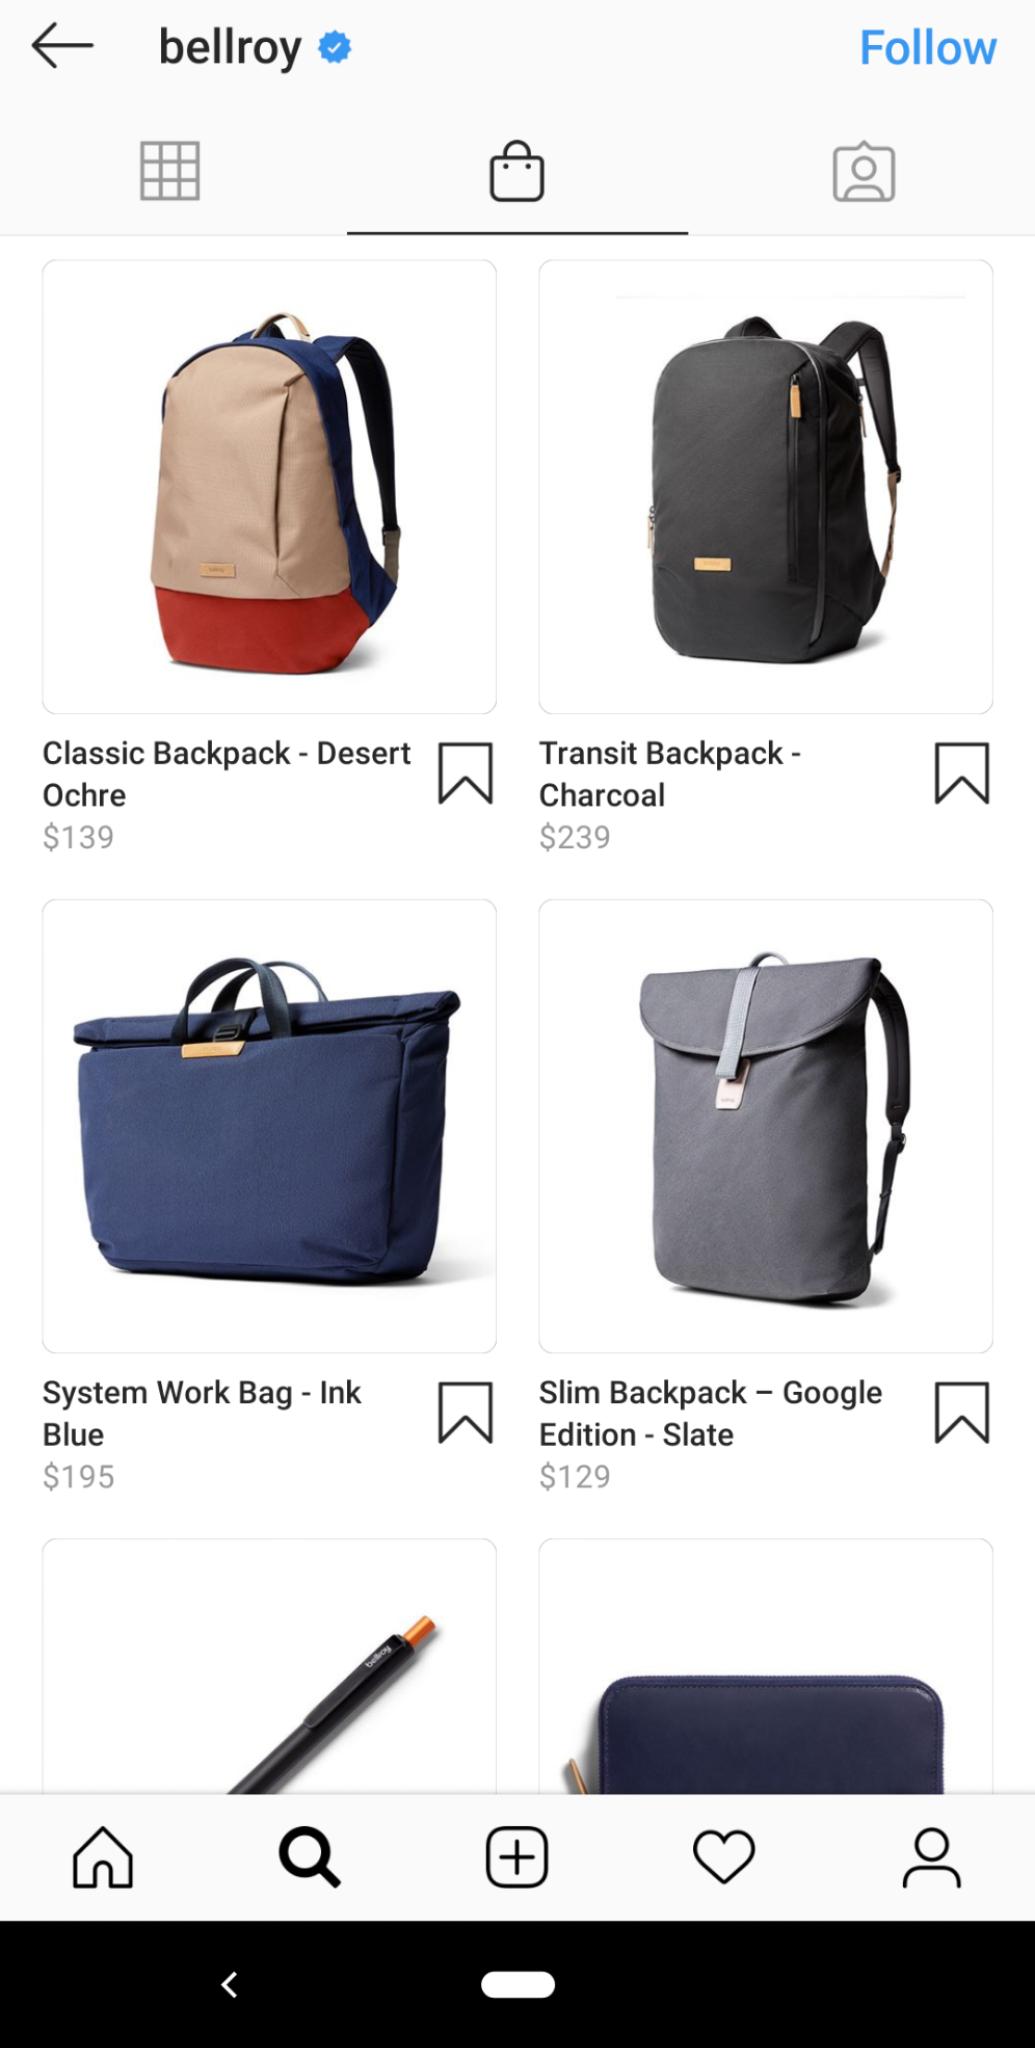 Las compras en Instagram también se pueden hacer directamente desde el ícono de compras